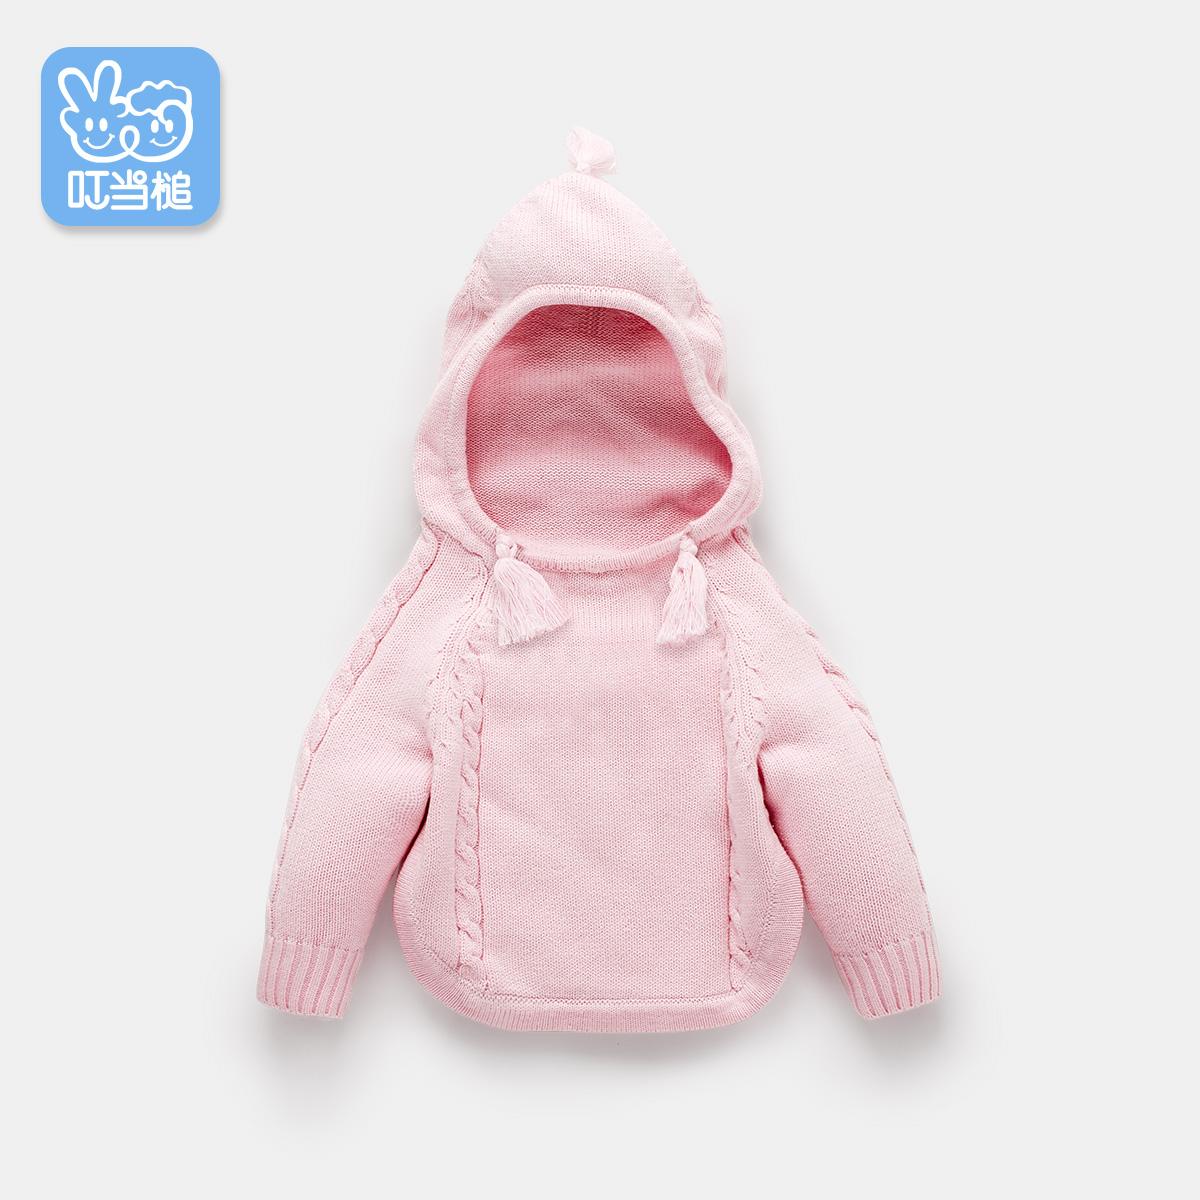 婴儿外套春秋0-1岁2衣服婴儿秋装女宝宝外套洋气男小童秋季上衣新